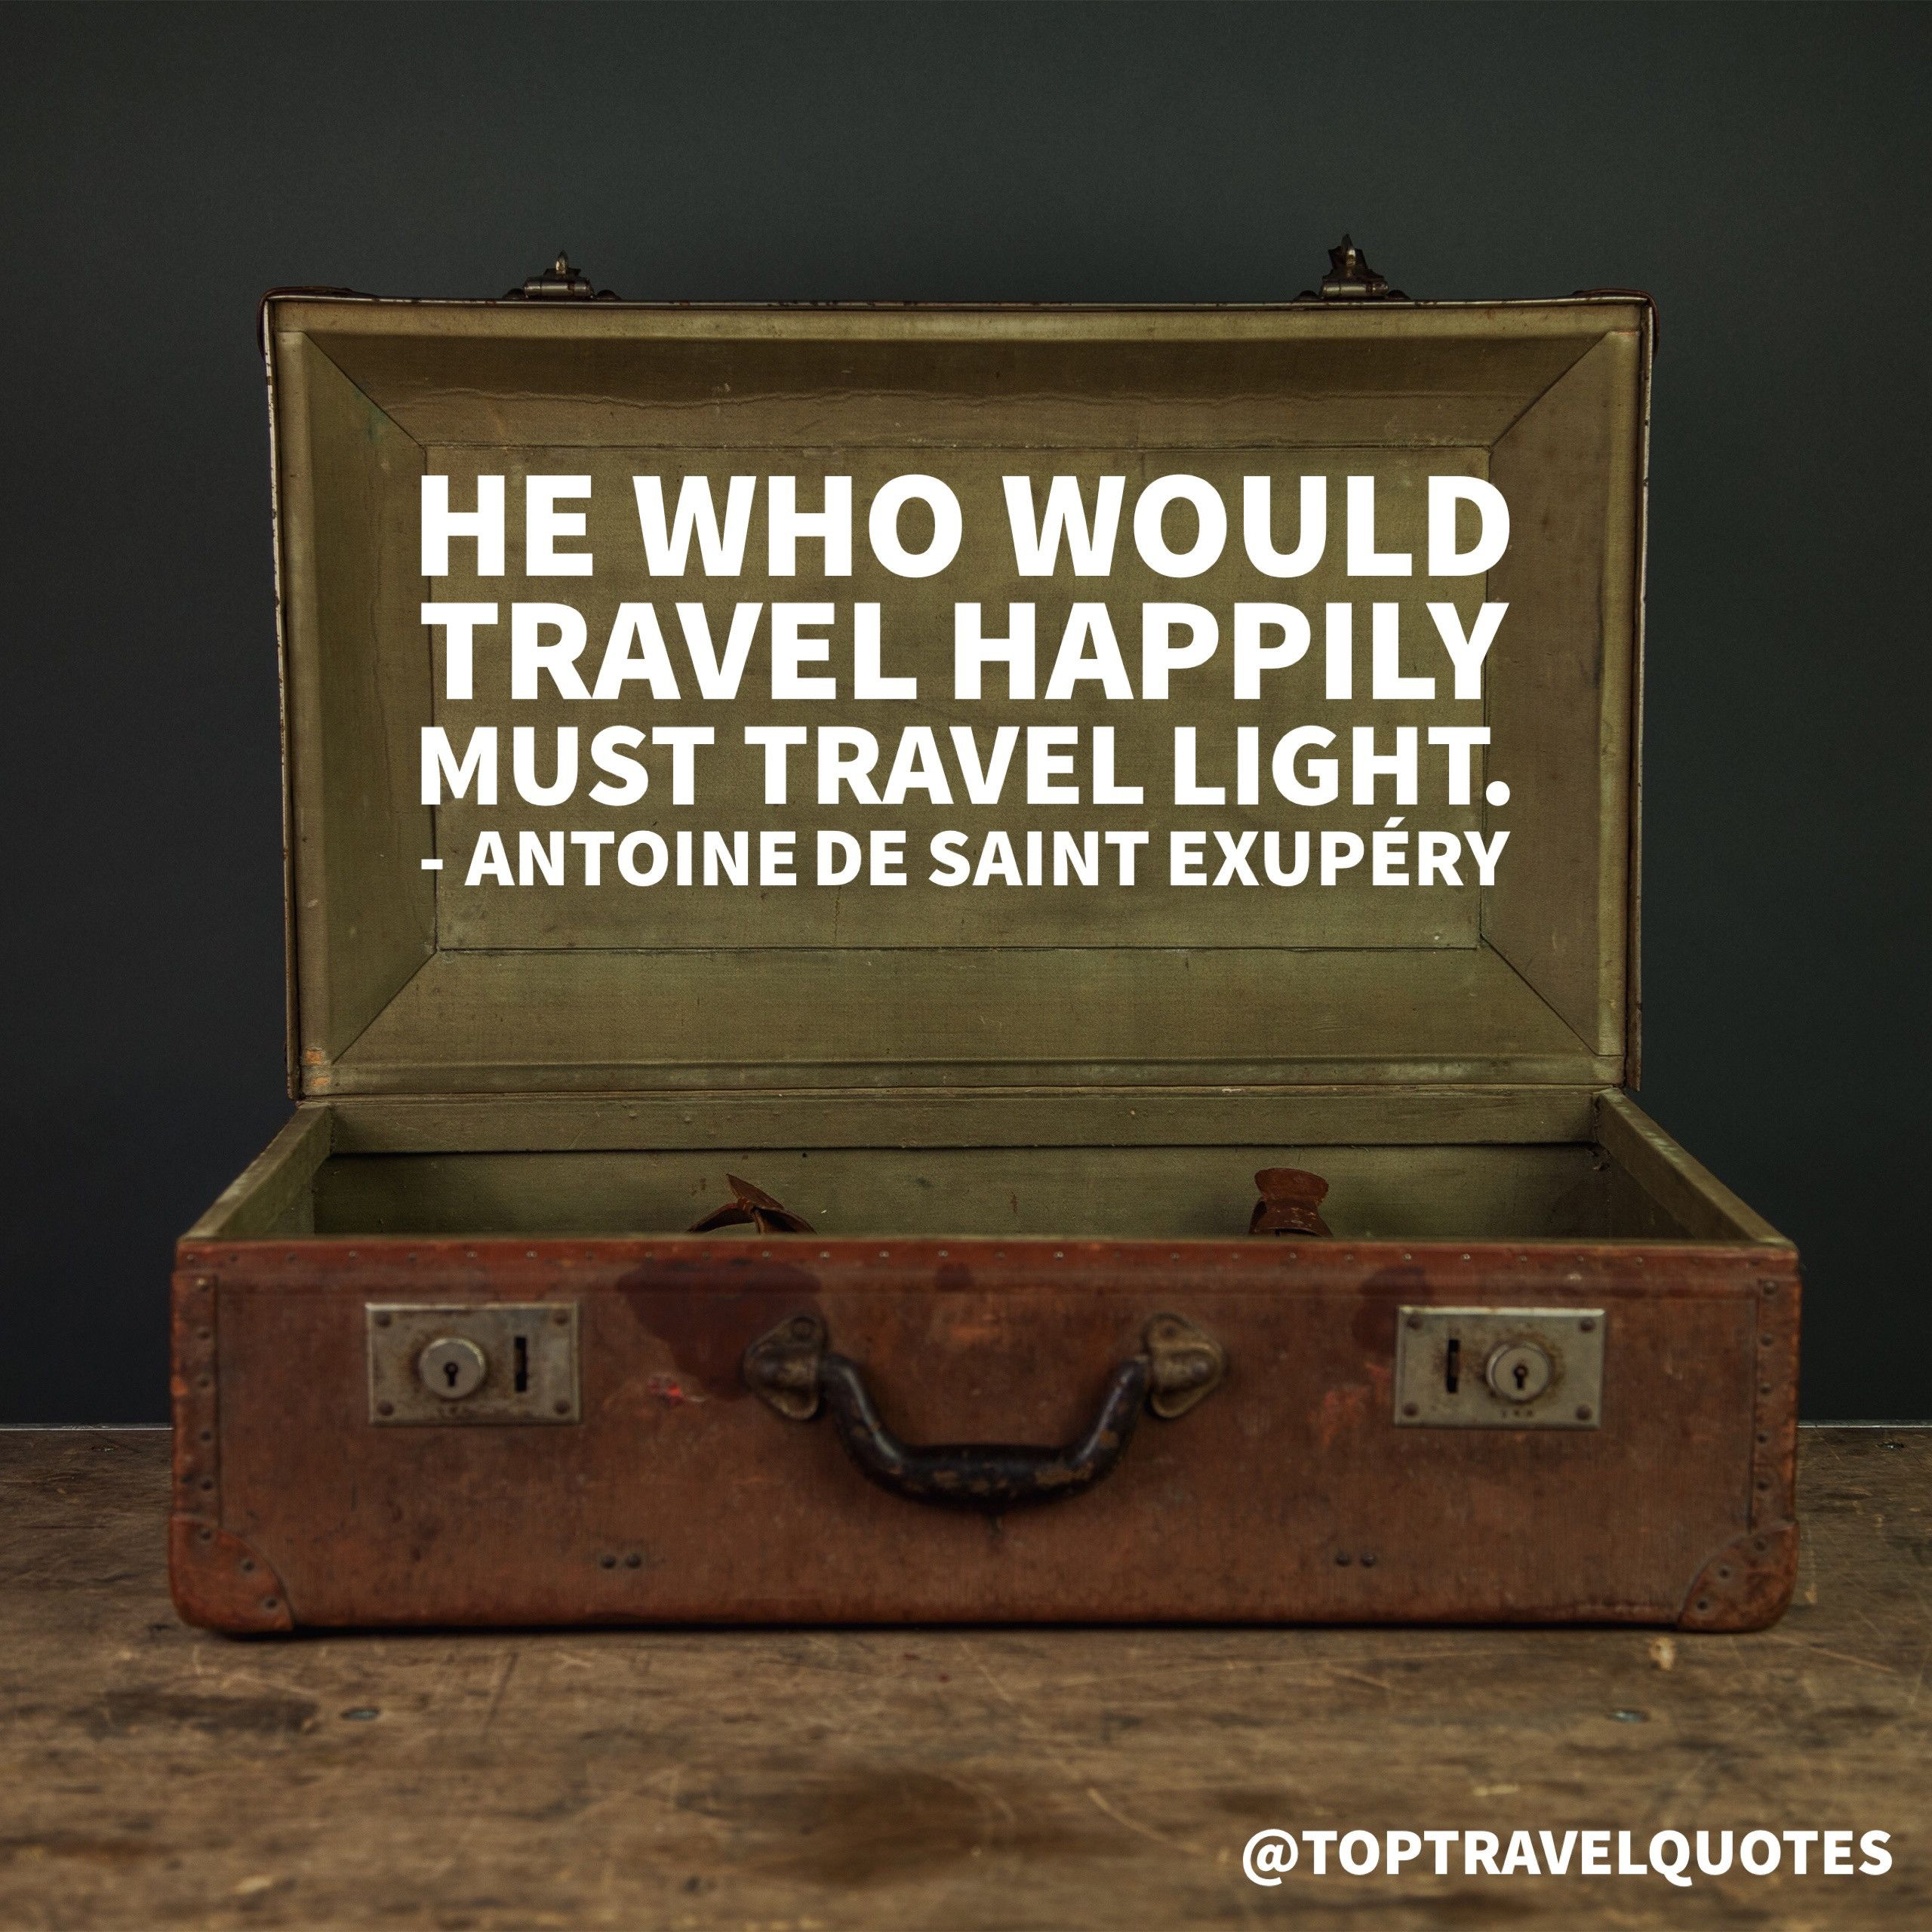 Resultado de imagem para travel lightly quotes antoine